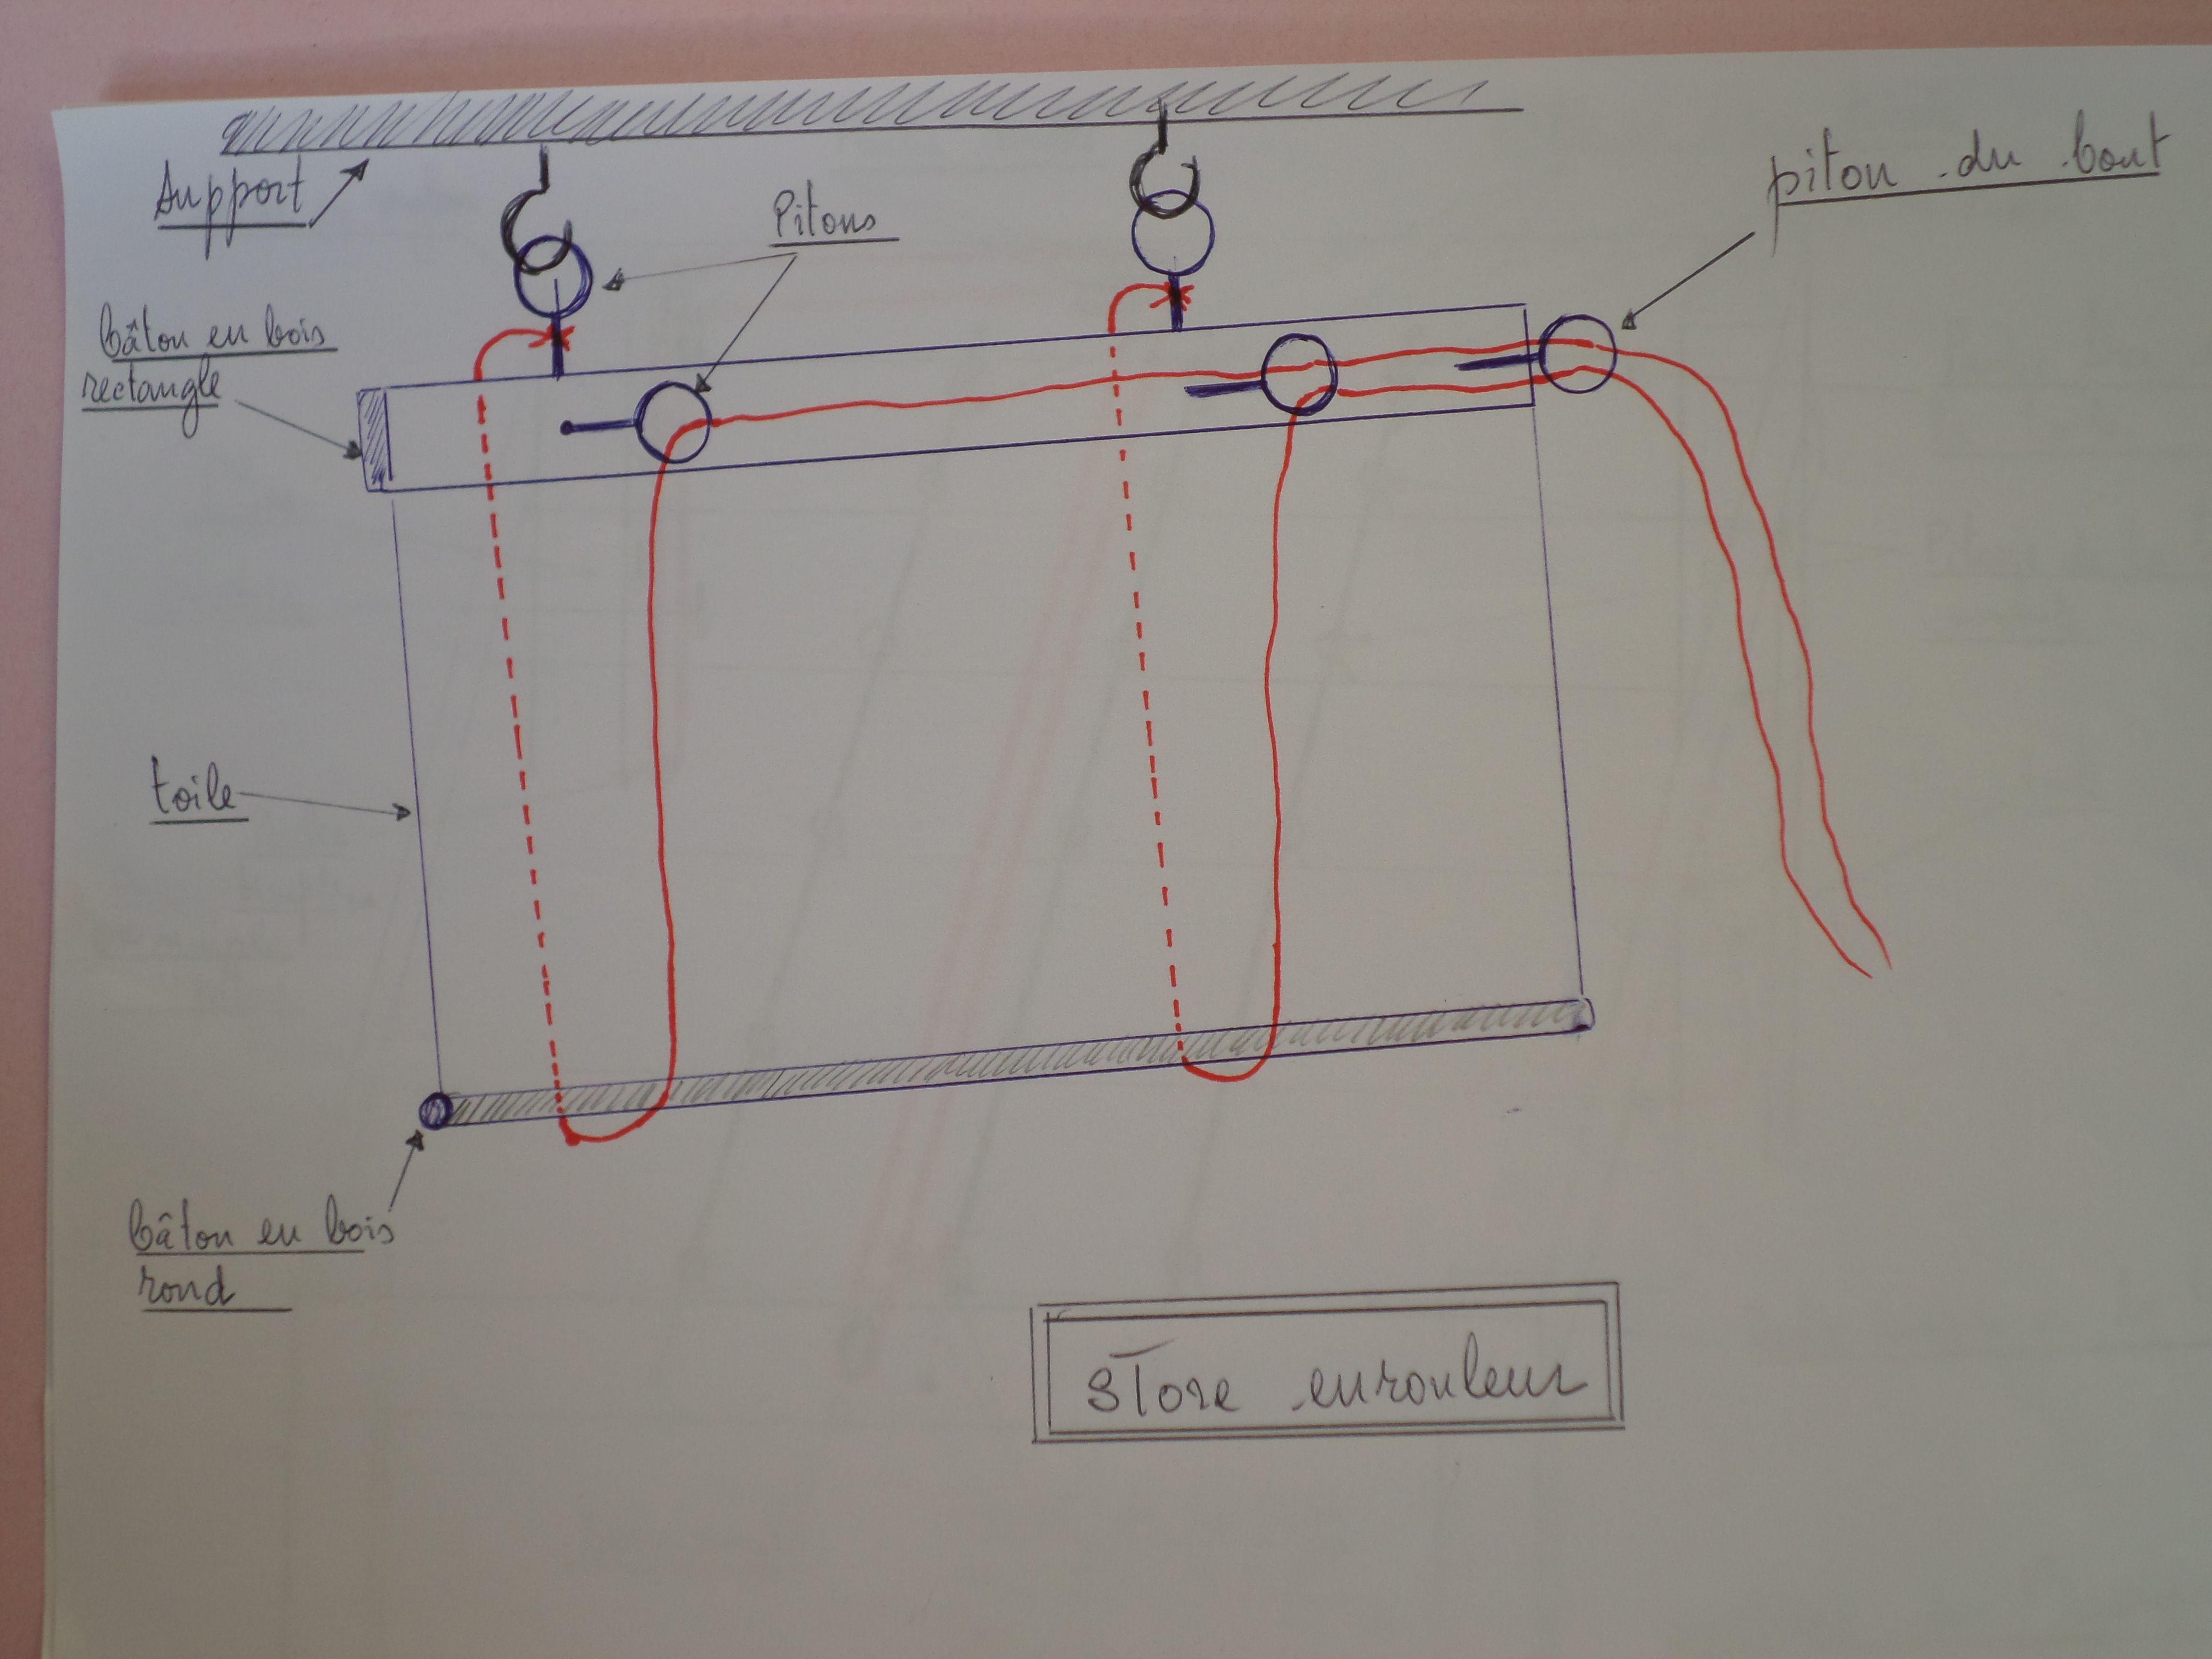 Schema De La Toile Deroulante Sur Le Cote Pergola Idees De Bricolage Comment Faire